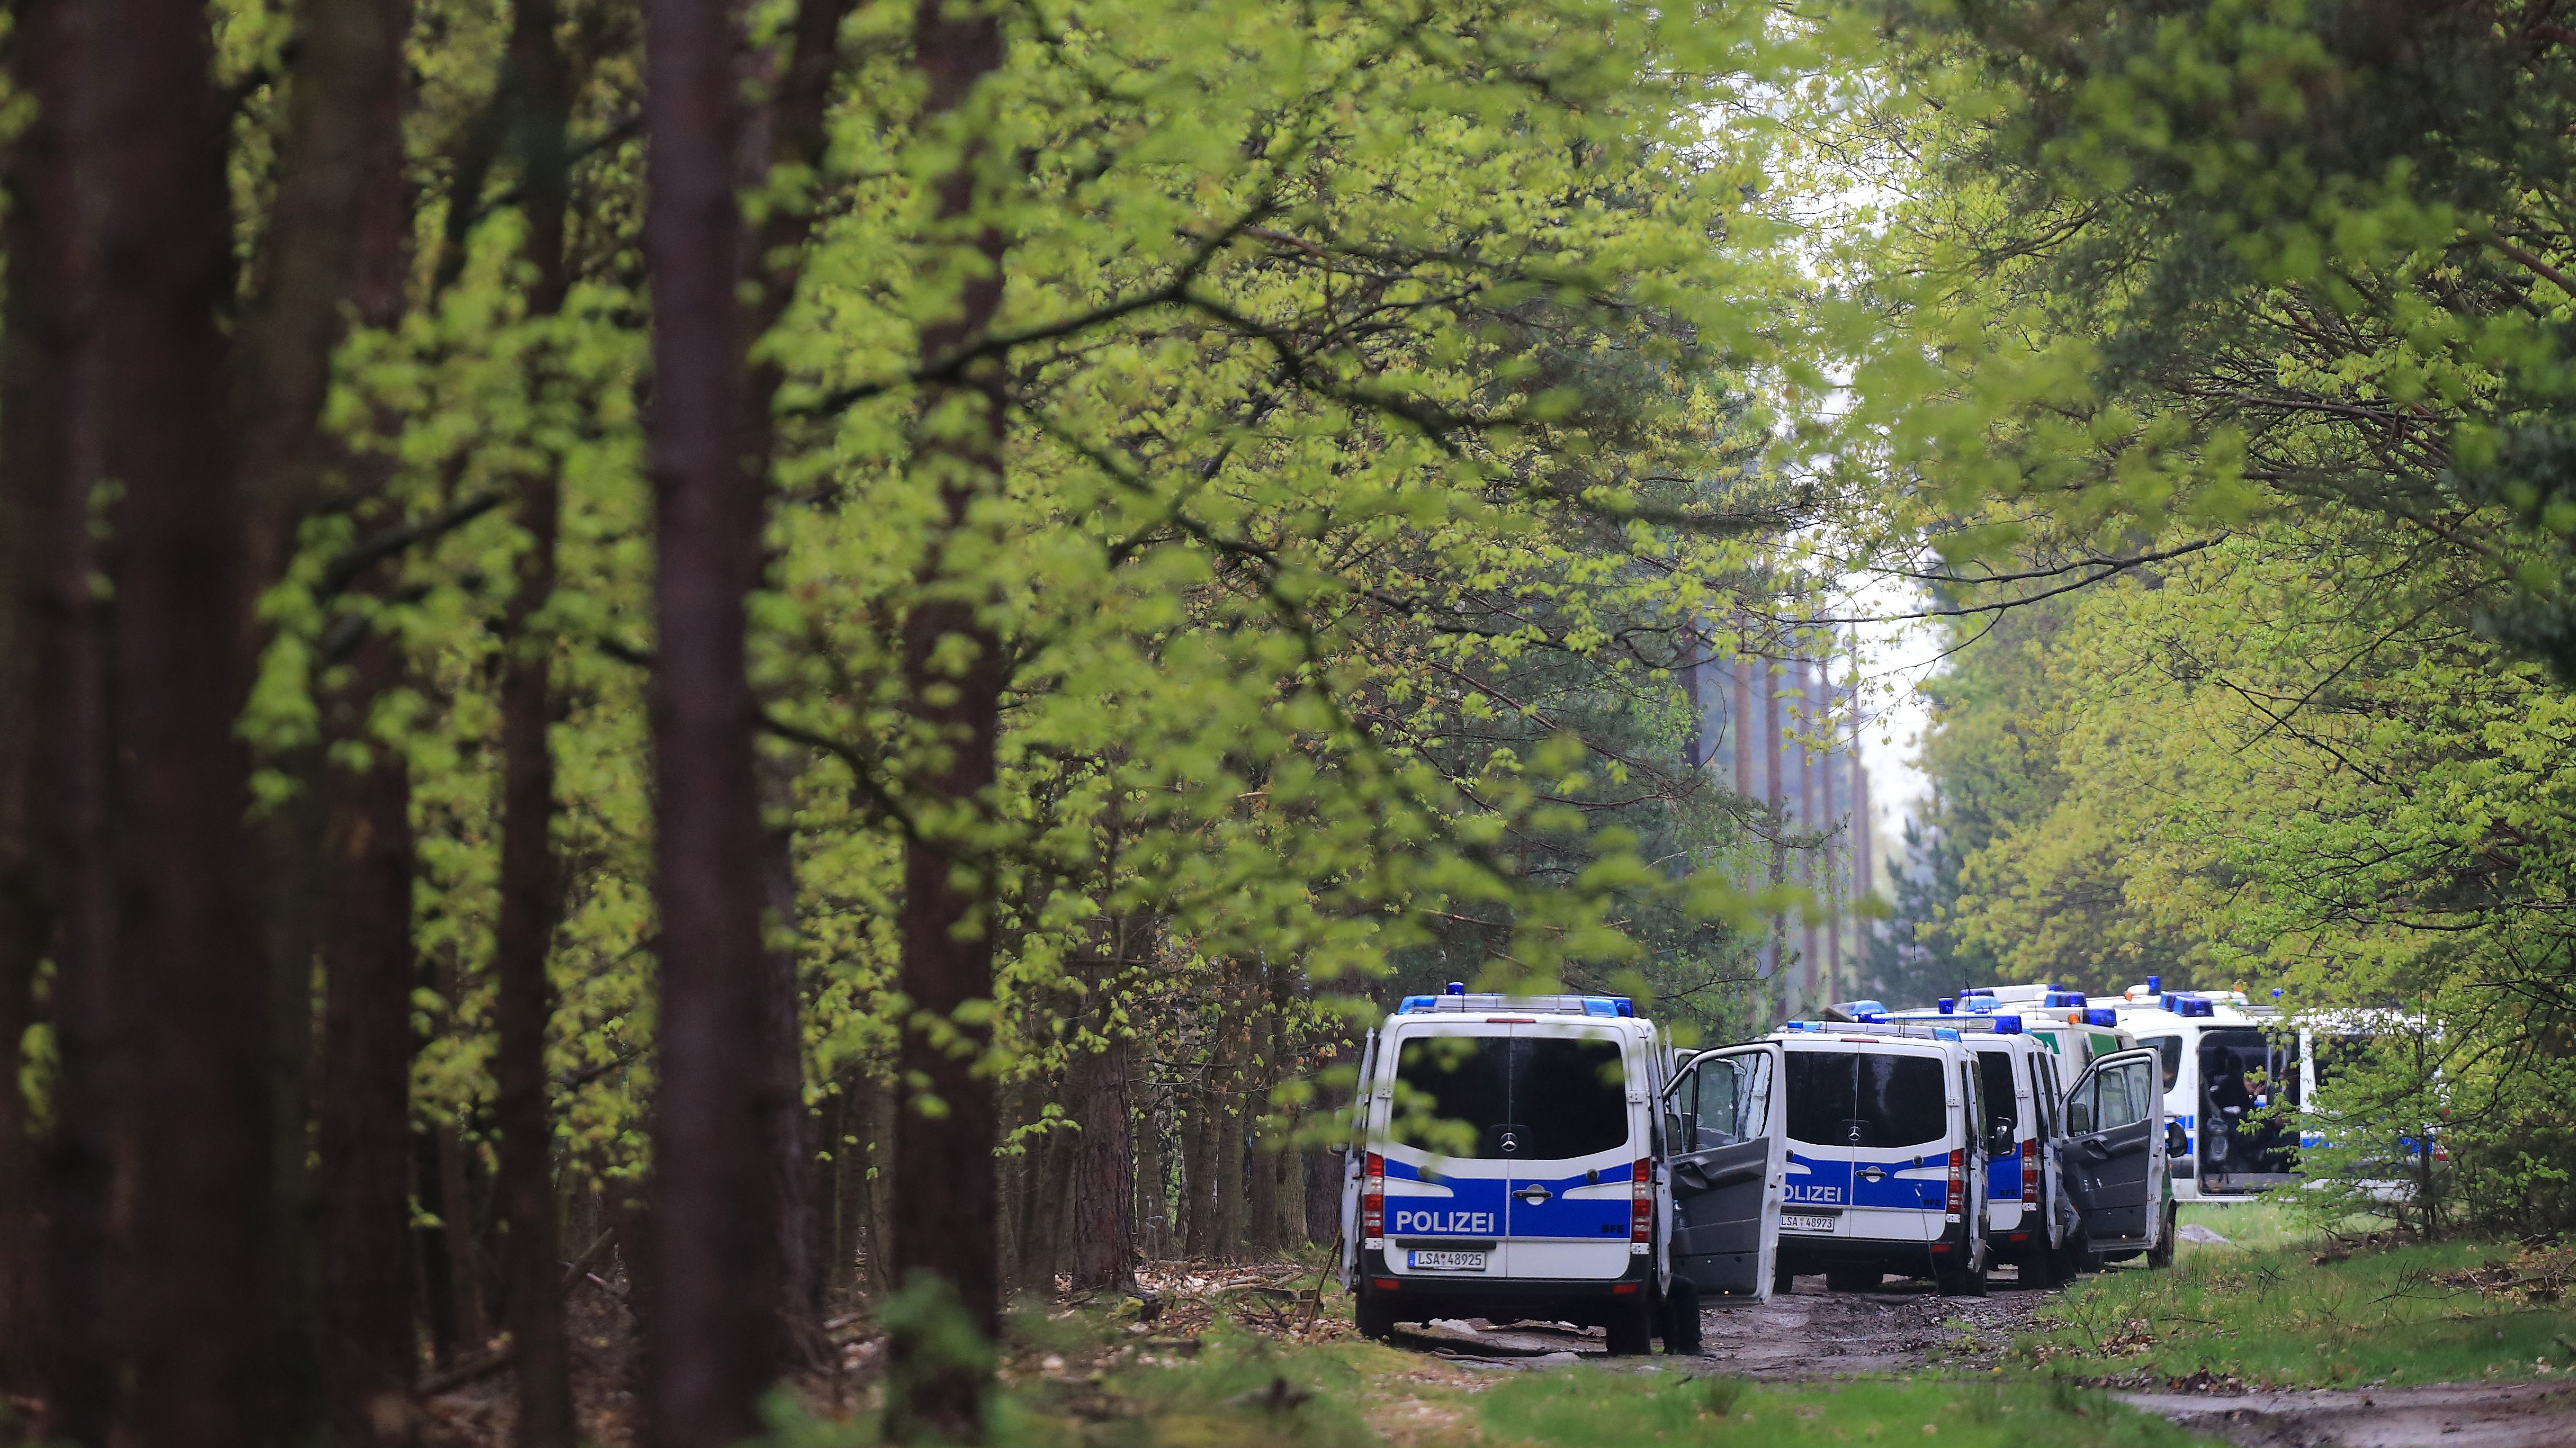 Symbolbild: Suche der Polizei im Wald